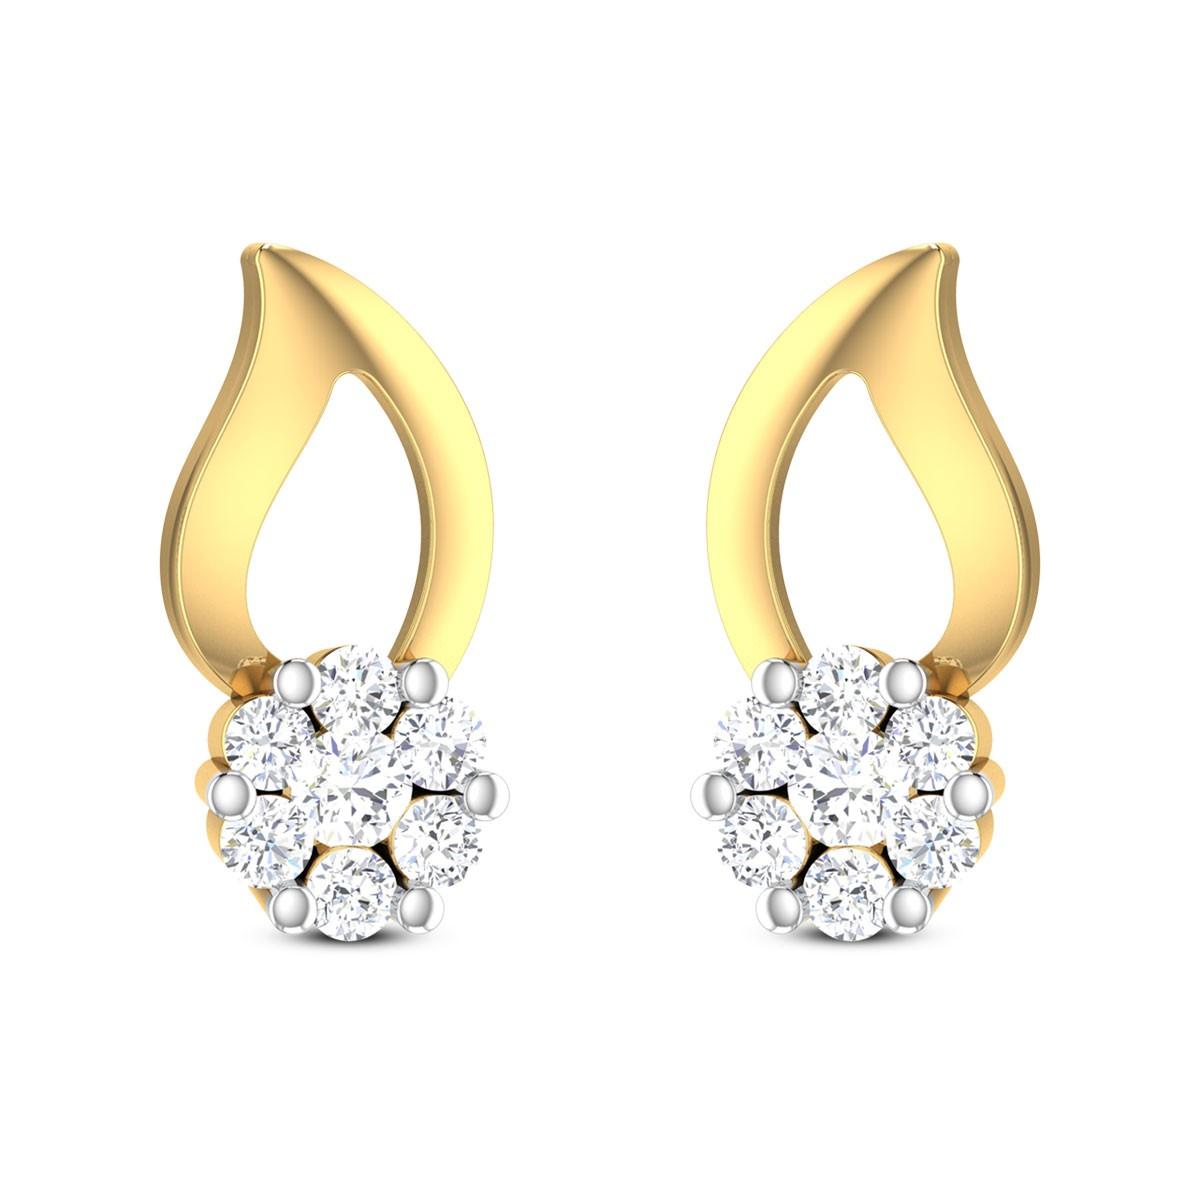 Idalina Floral Diamond Stud Earrings